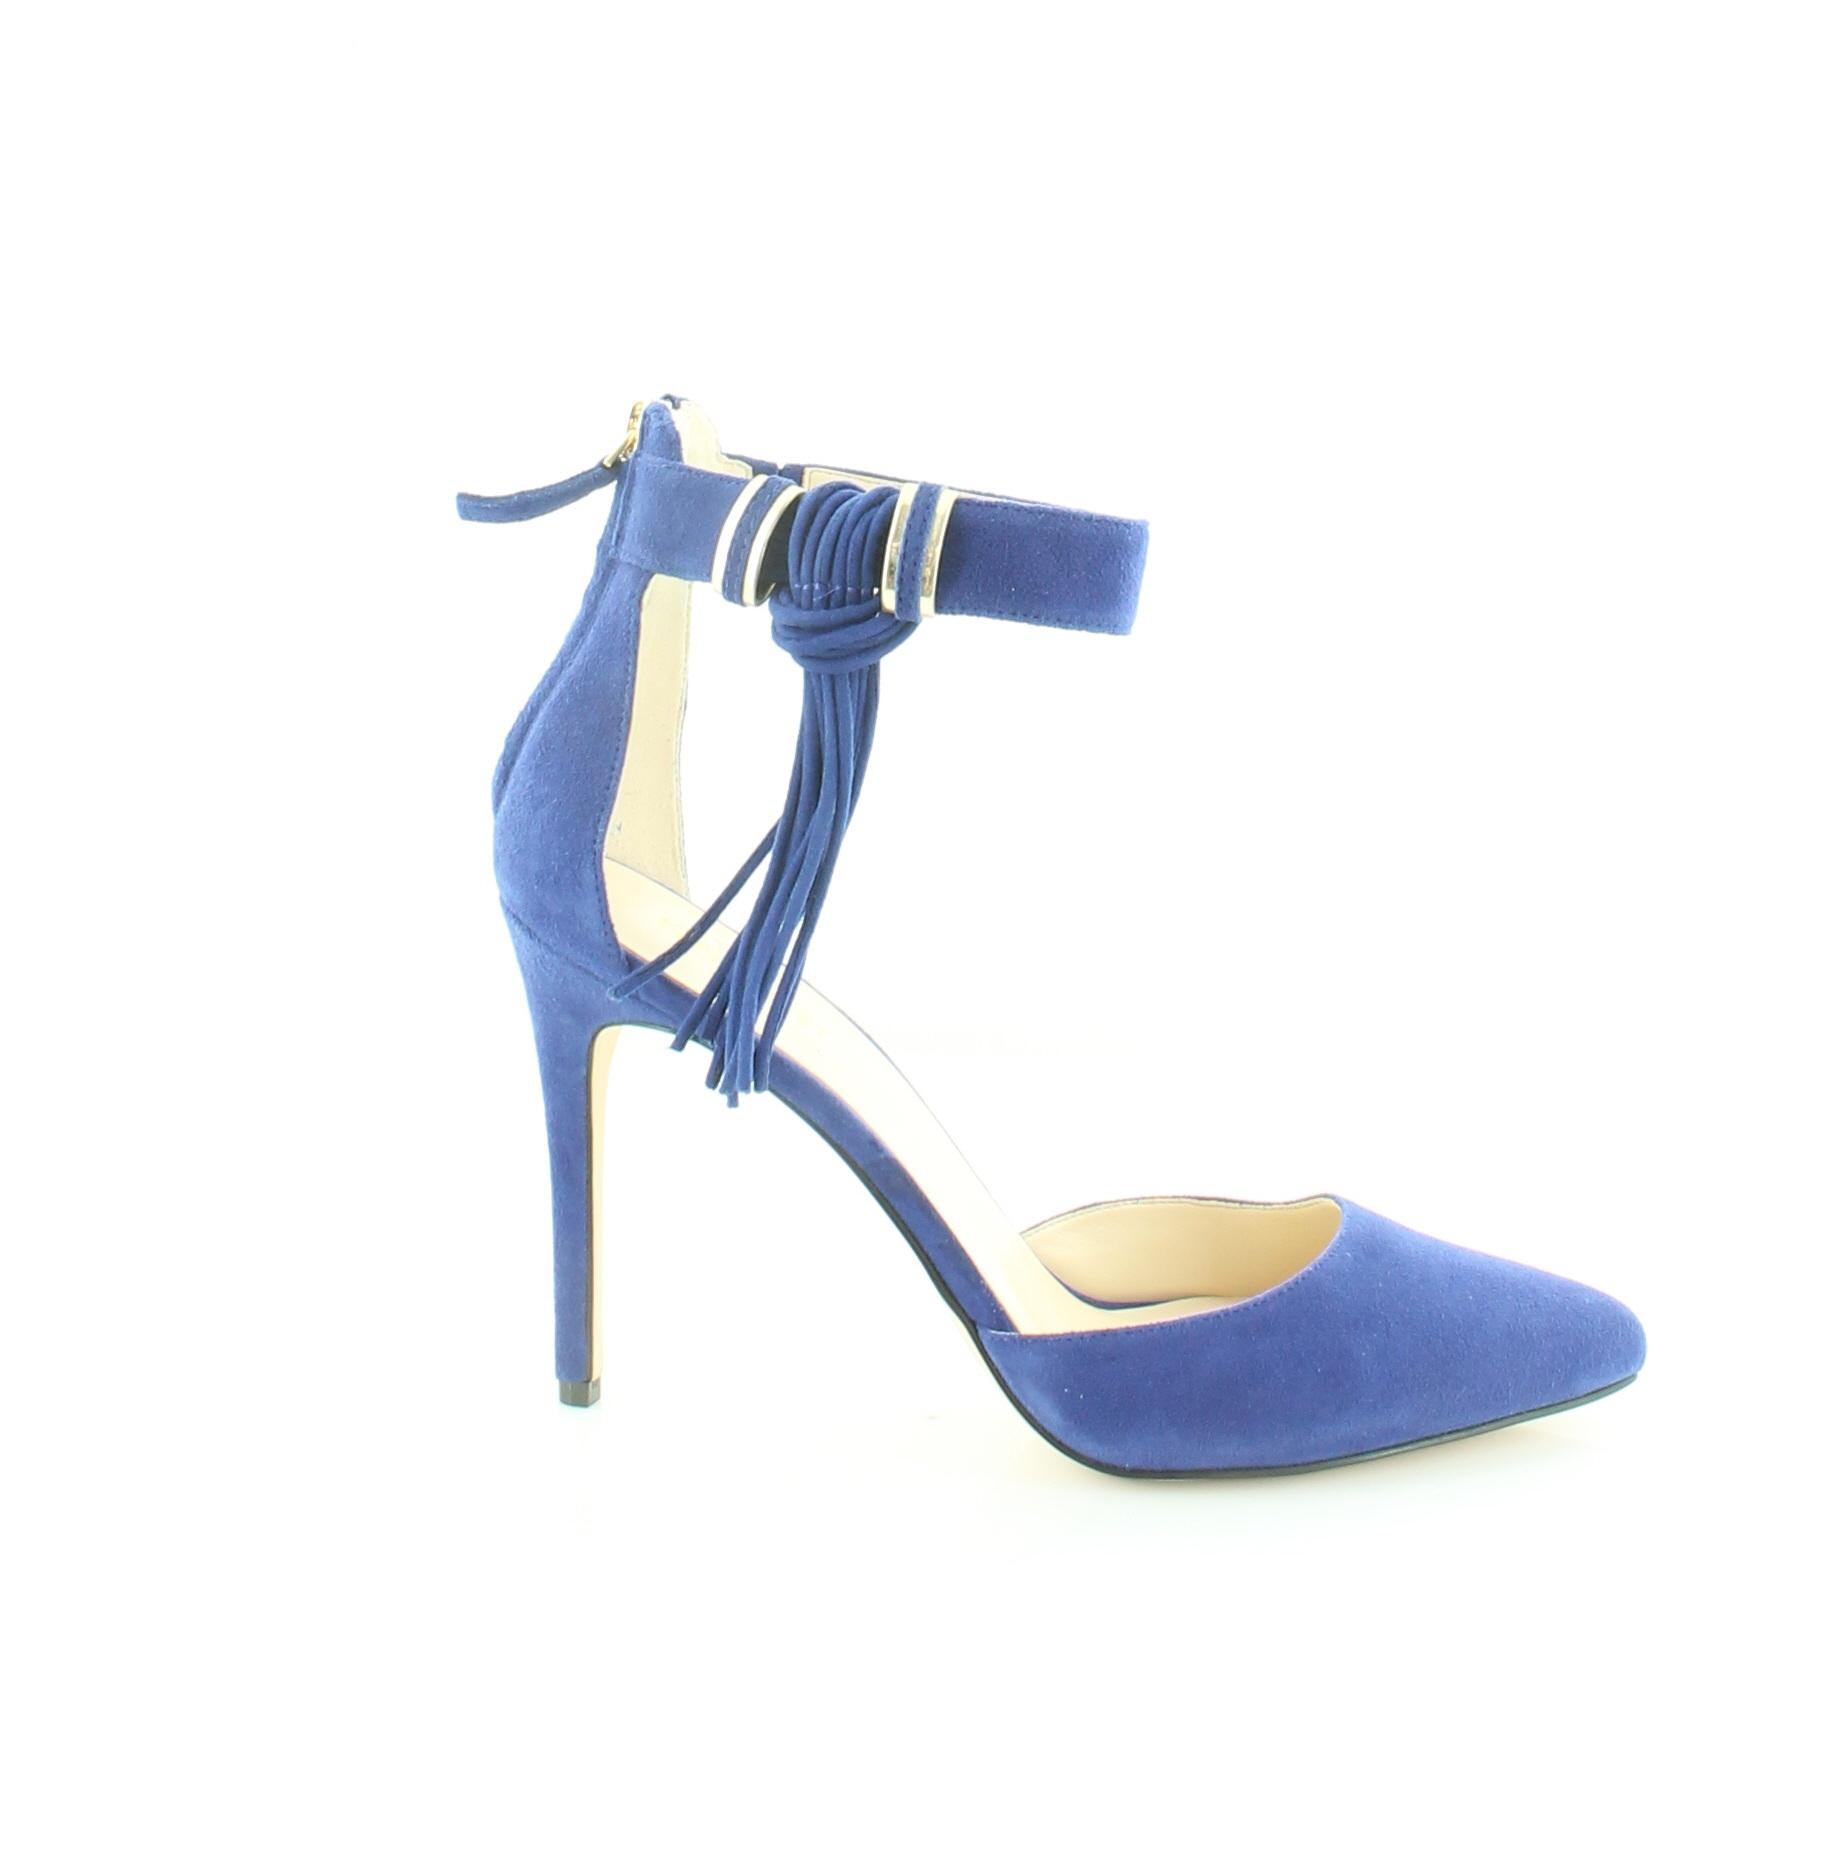 Nine West West West entonces Azul Sandalias De Mujer Zapatos Talla 6.5 M MSRP  109  nuevo estilo